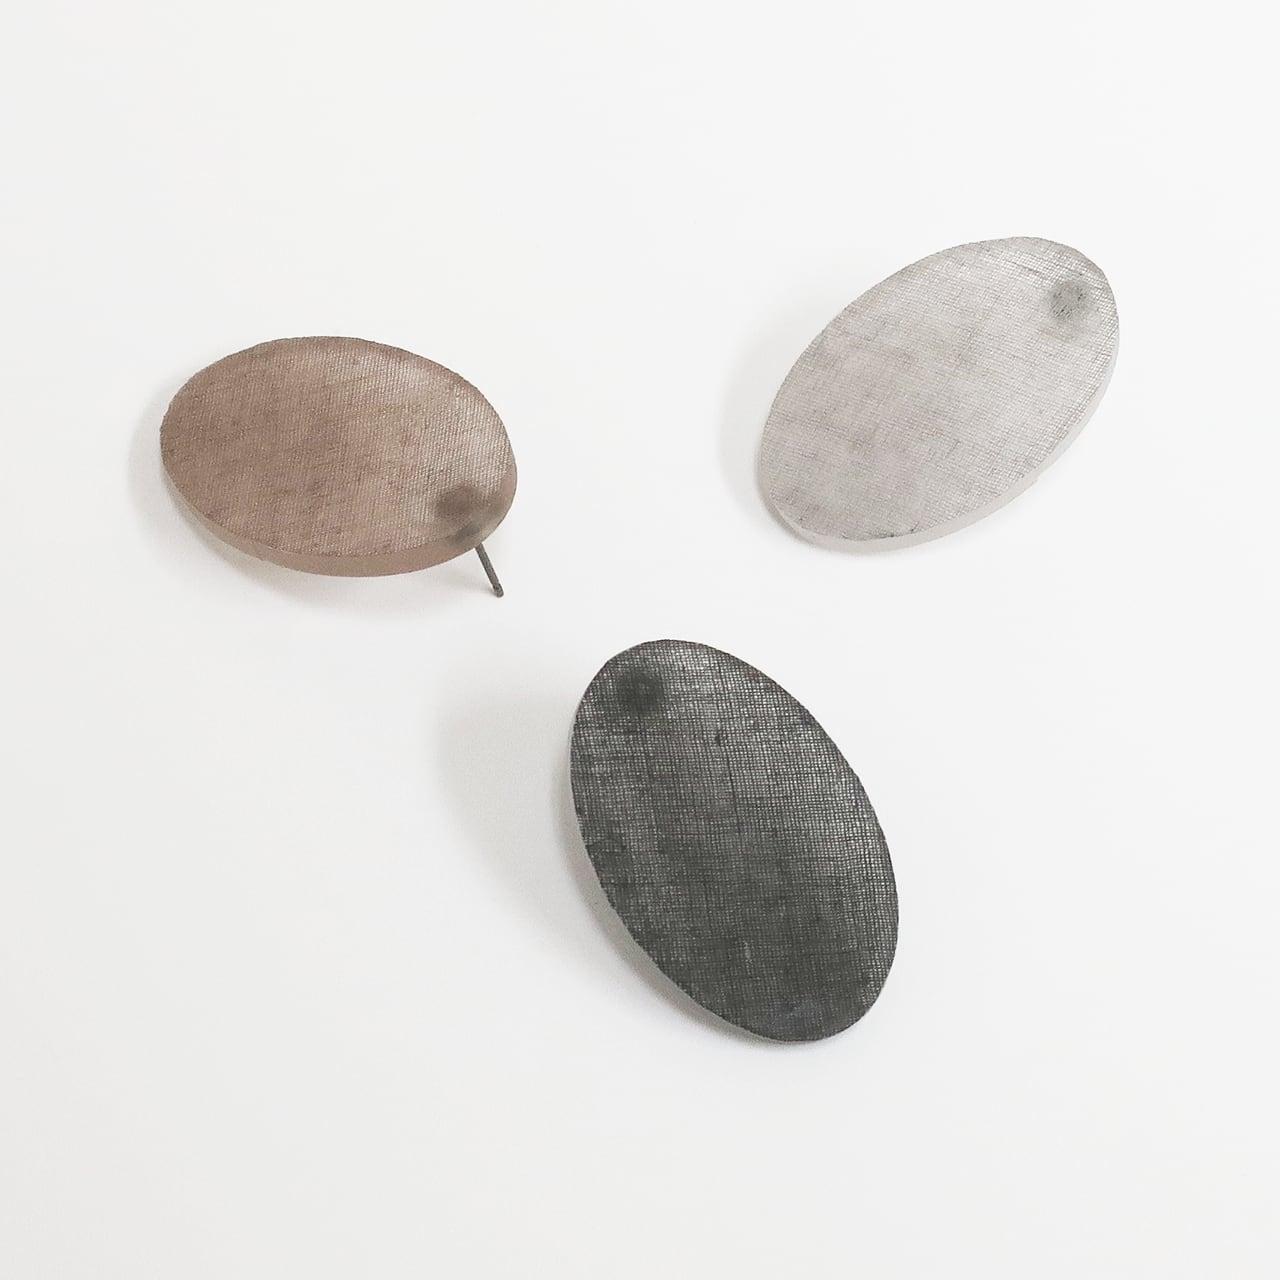 泥染/煤染/幾何学/片耳用ピアスイヤリング/E-6_E_DR